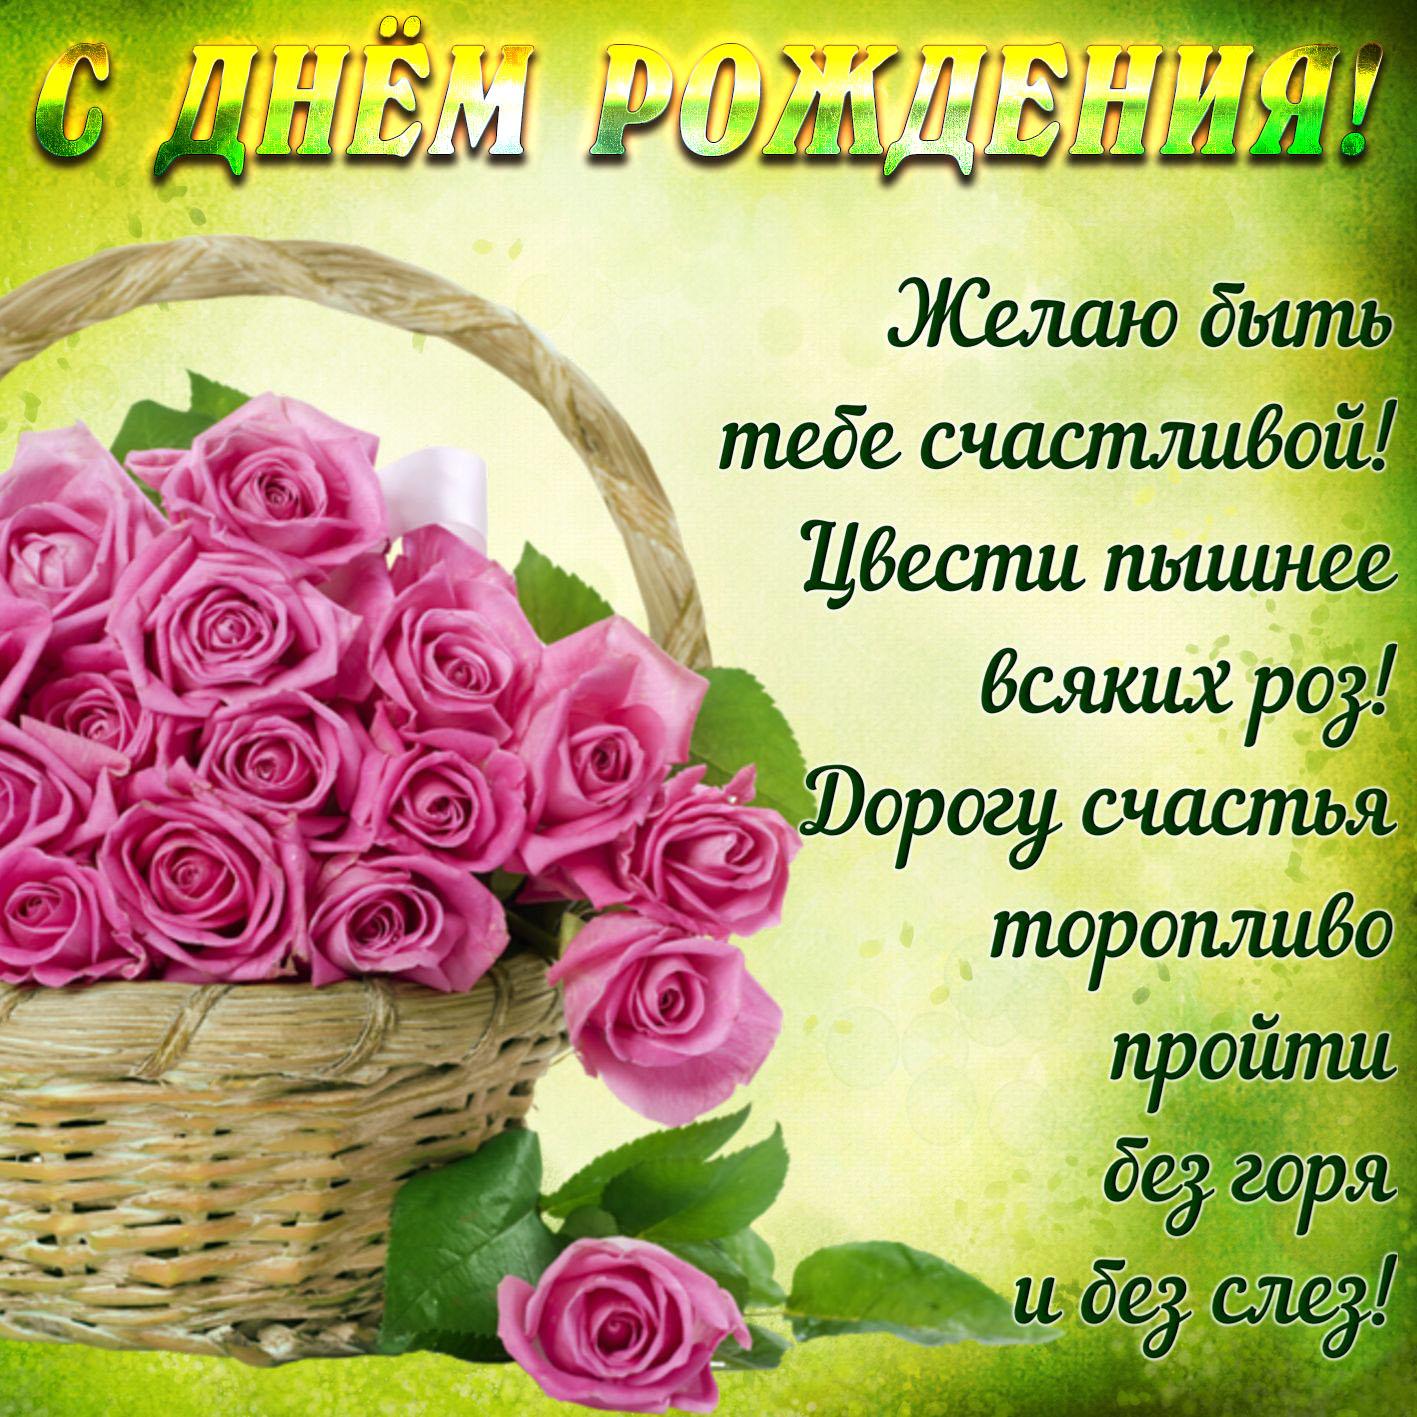 Женщине. Корзина роз и красивое пожелание. С Днём рождения! Желаю быть тебе счастливой! Цвести пышнее всяких роз! Дорогу счастья торопливо пройти без горя и без слёз!